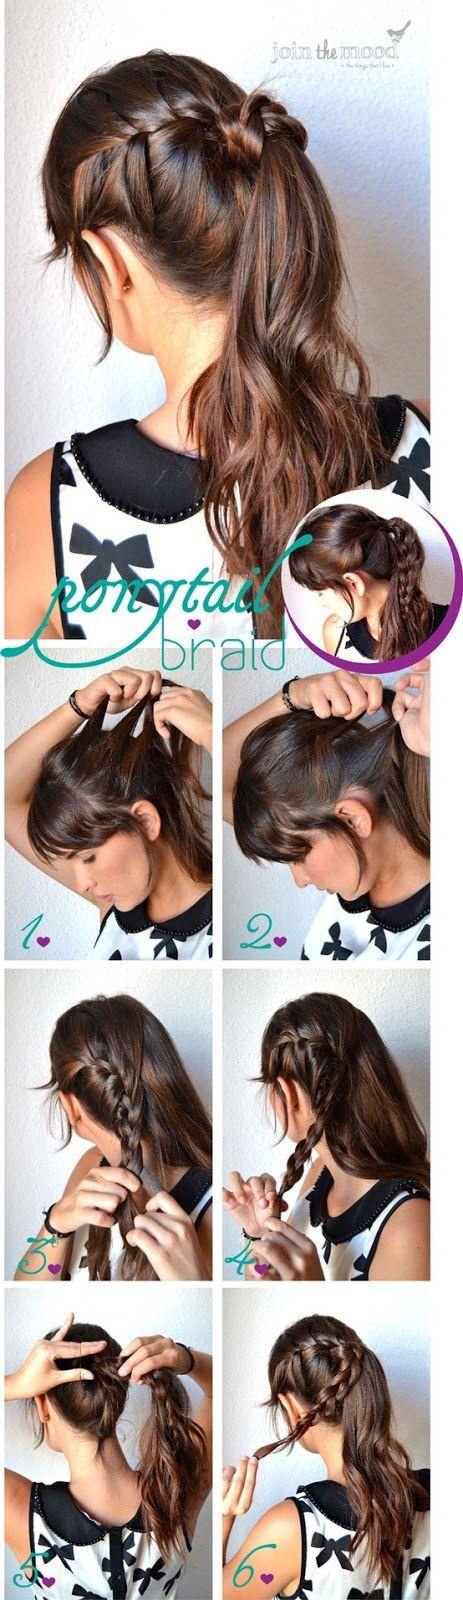 ponytail braid hair tutorial